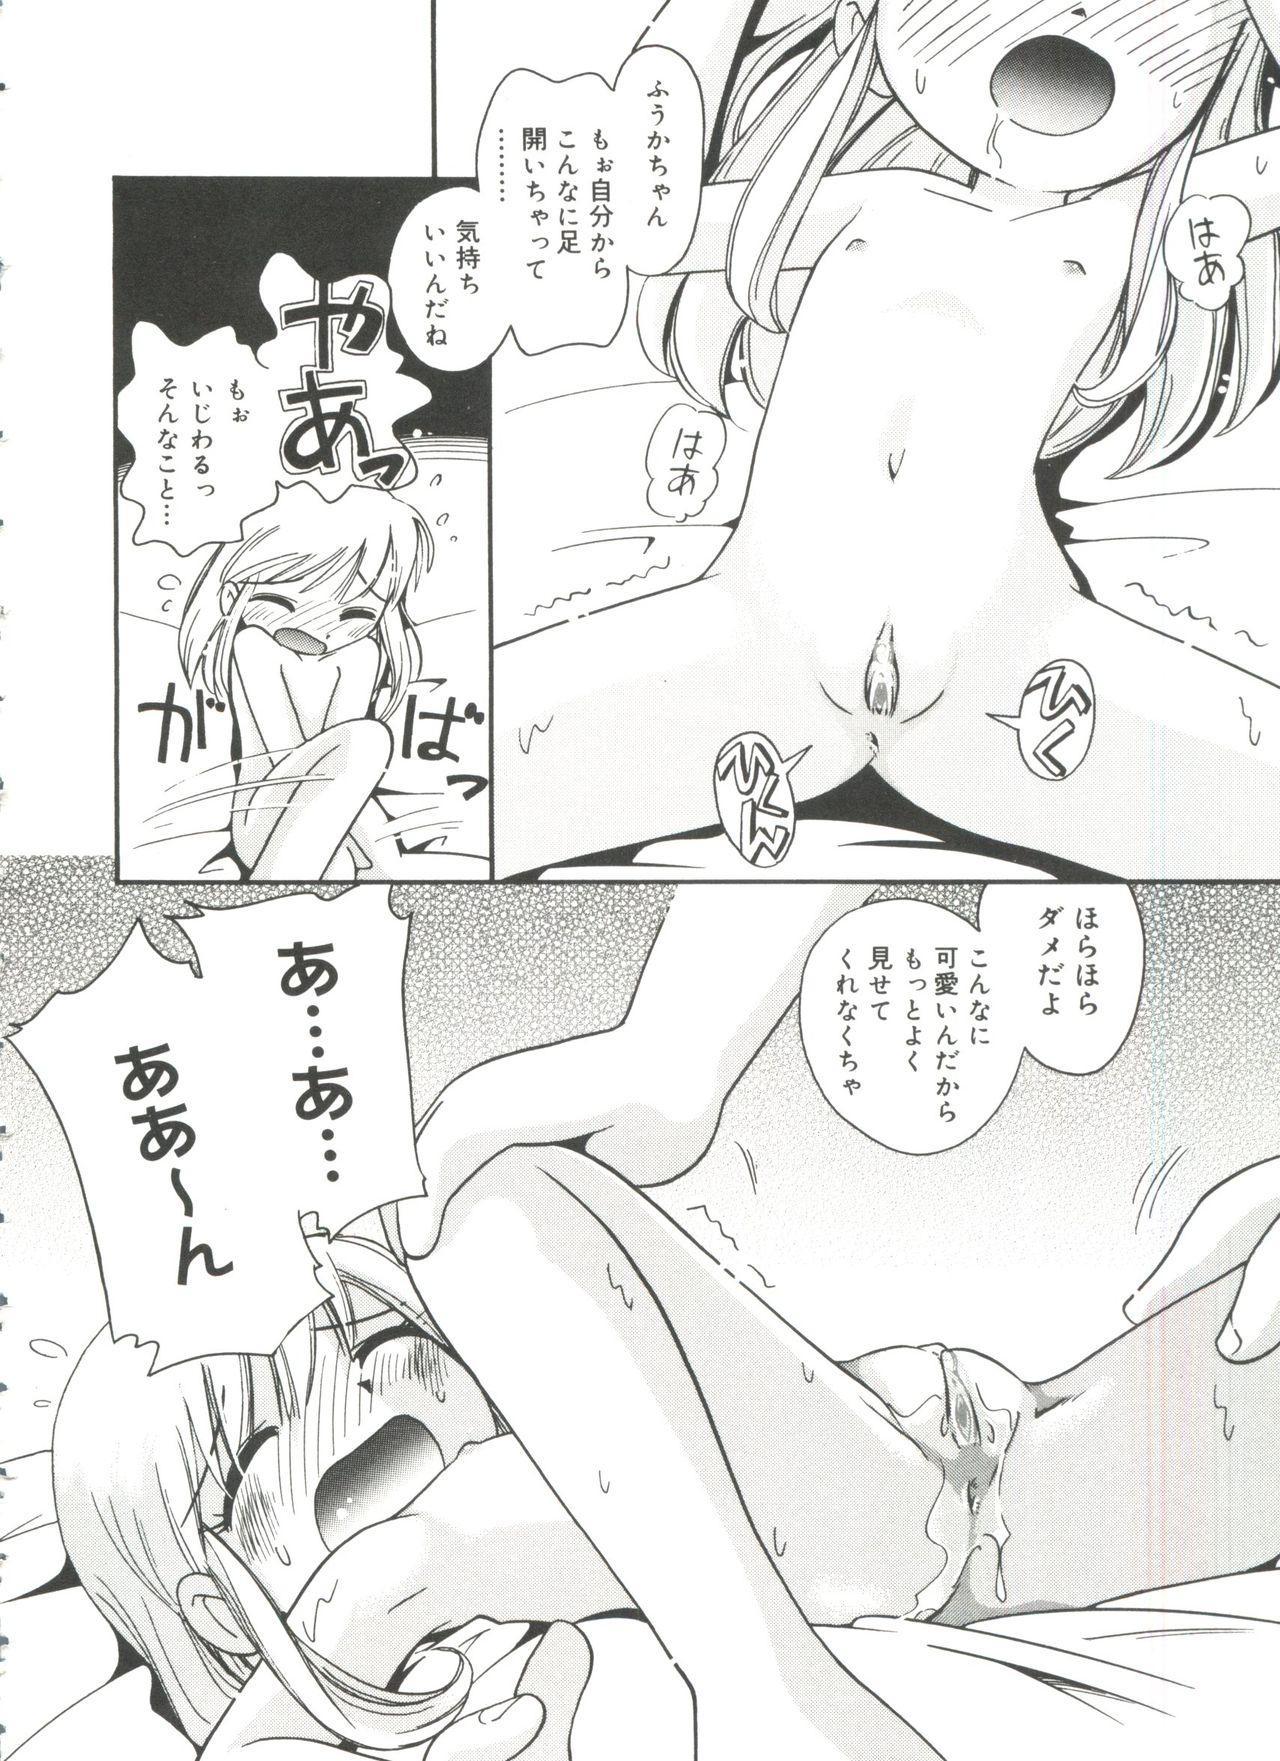 Nakayoshi-chan 101